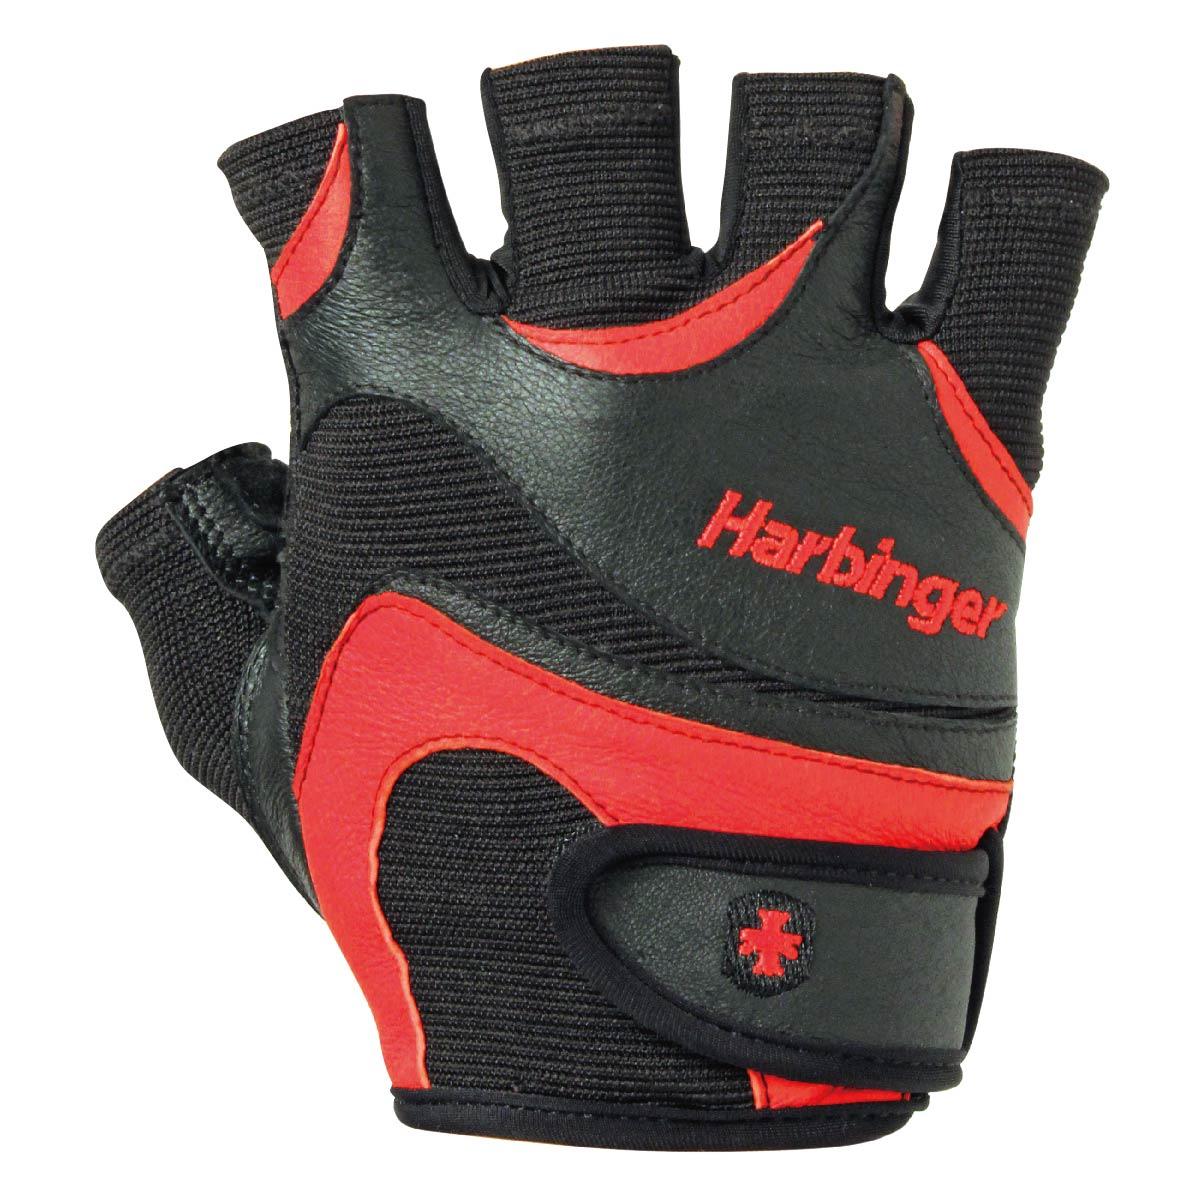 ハービンジャー フレックスフィット グローブ ウォッシュ&ドライ 男性用 harbinger flexfit gloves wash&dry